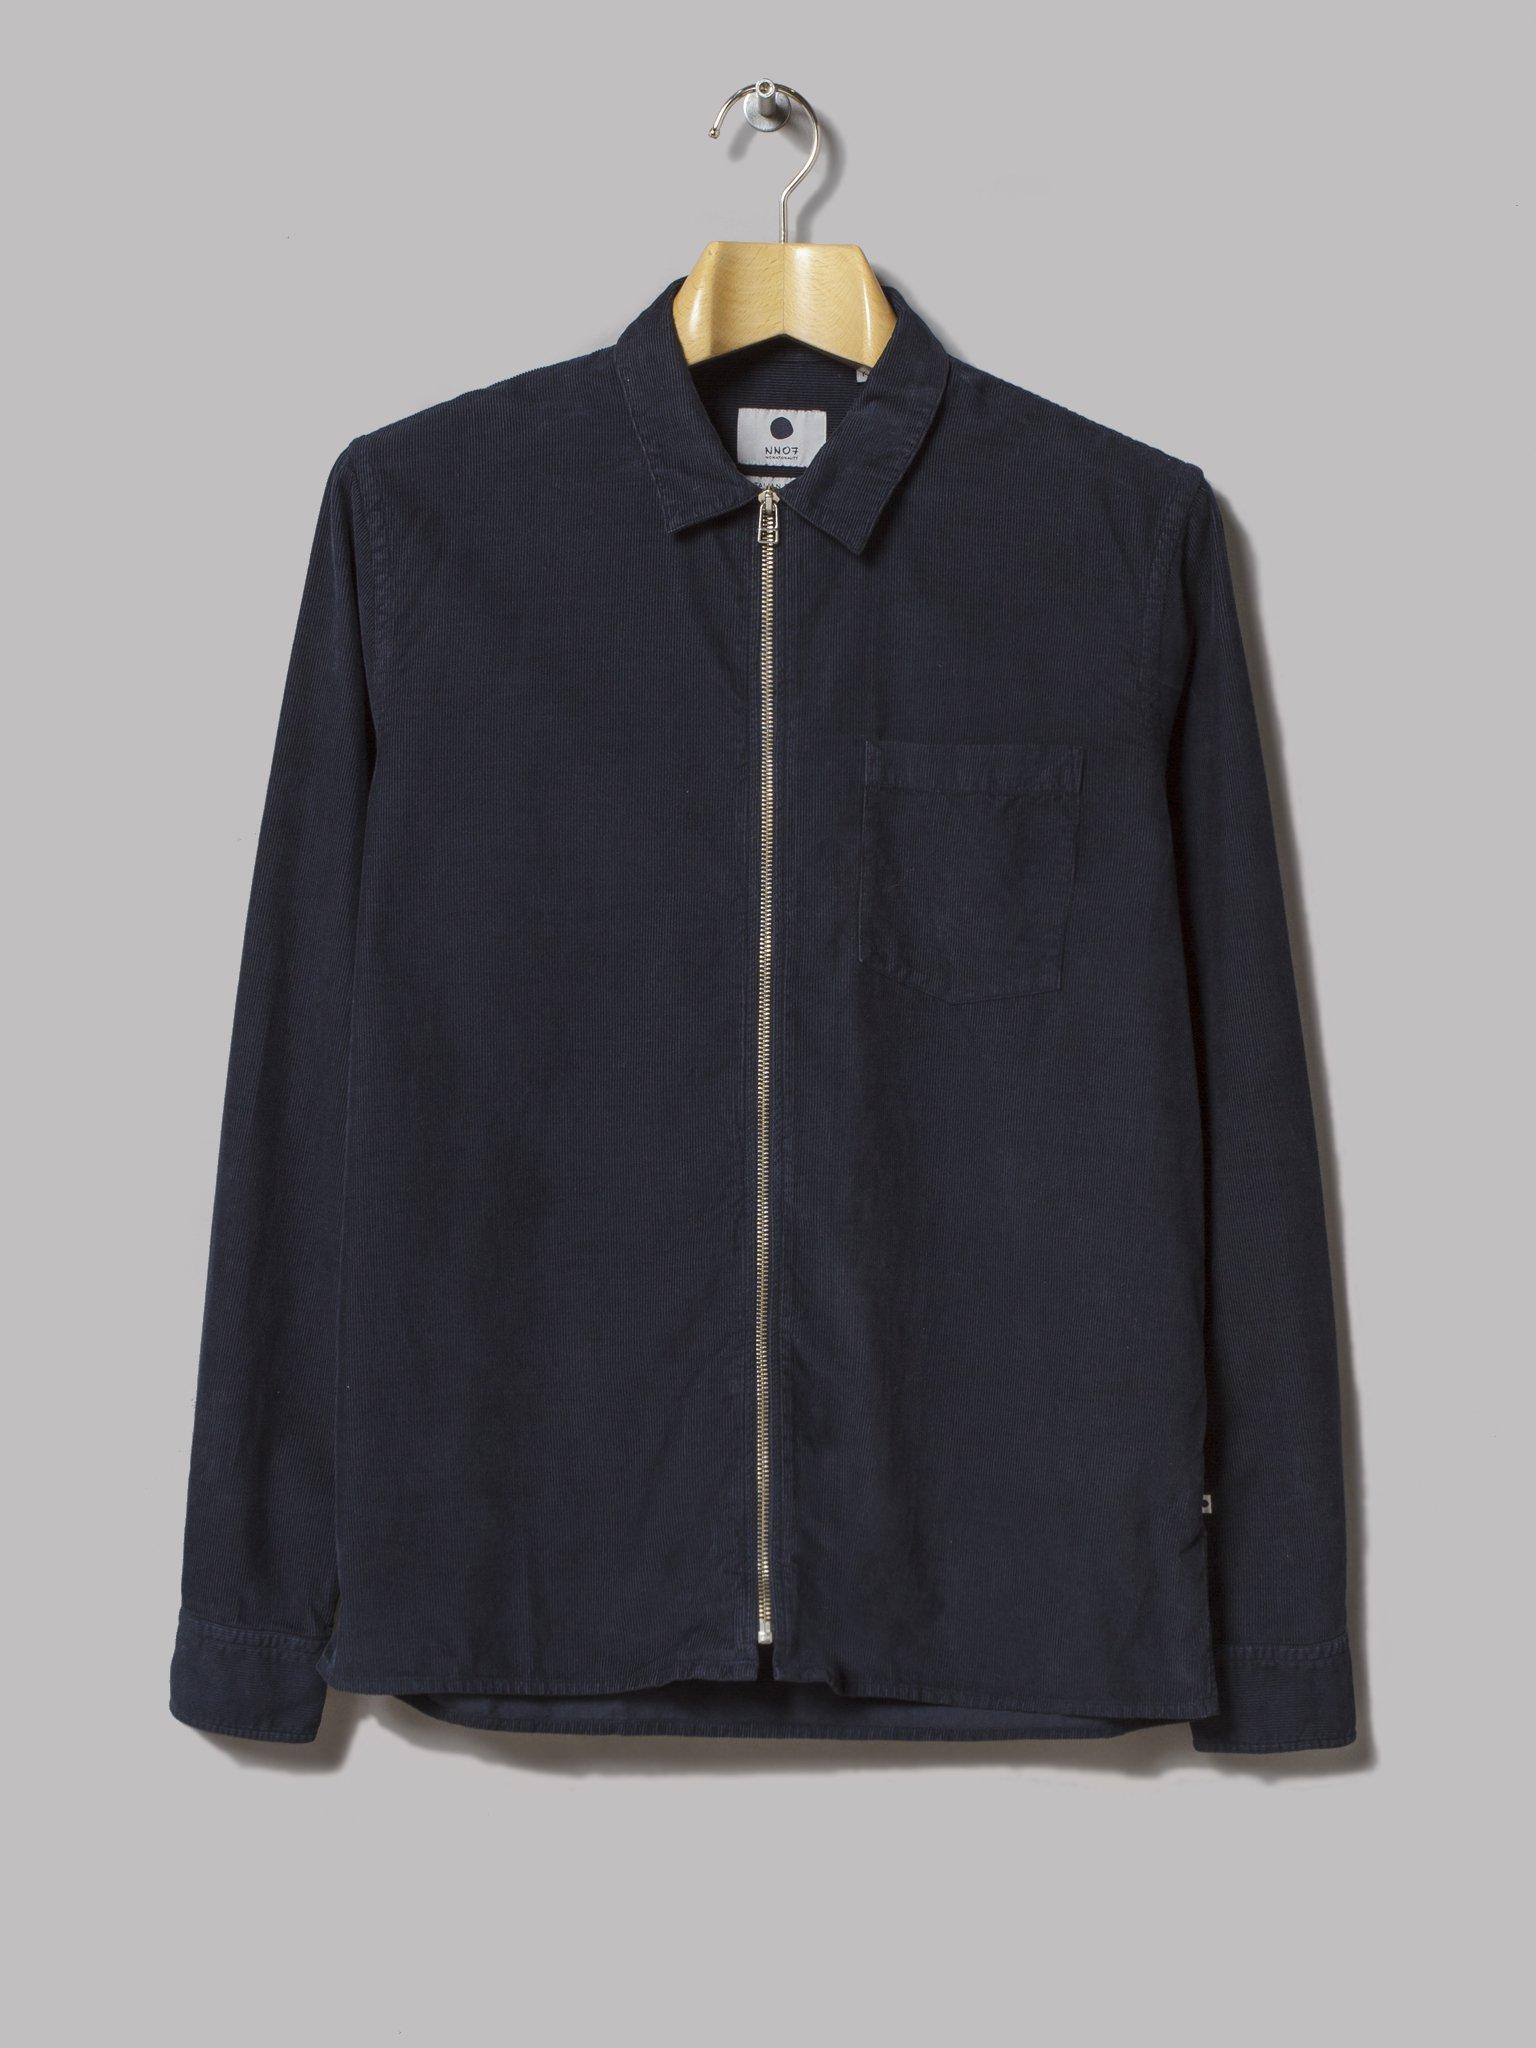 Sur-chemise NN07 - Parfaite au dessus d'un t-shirt gris chiné